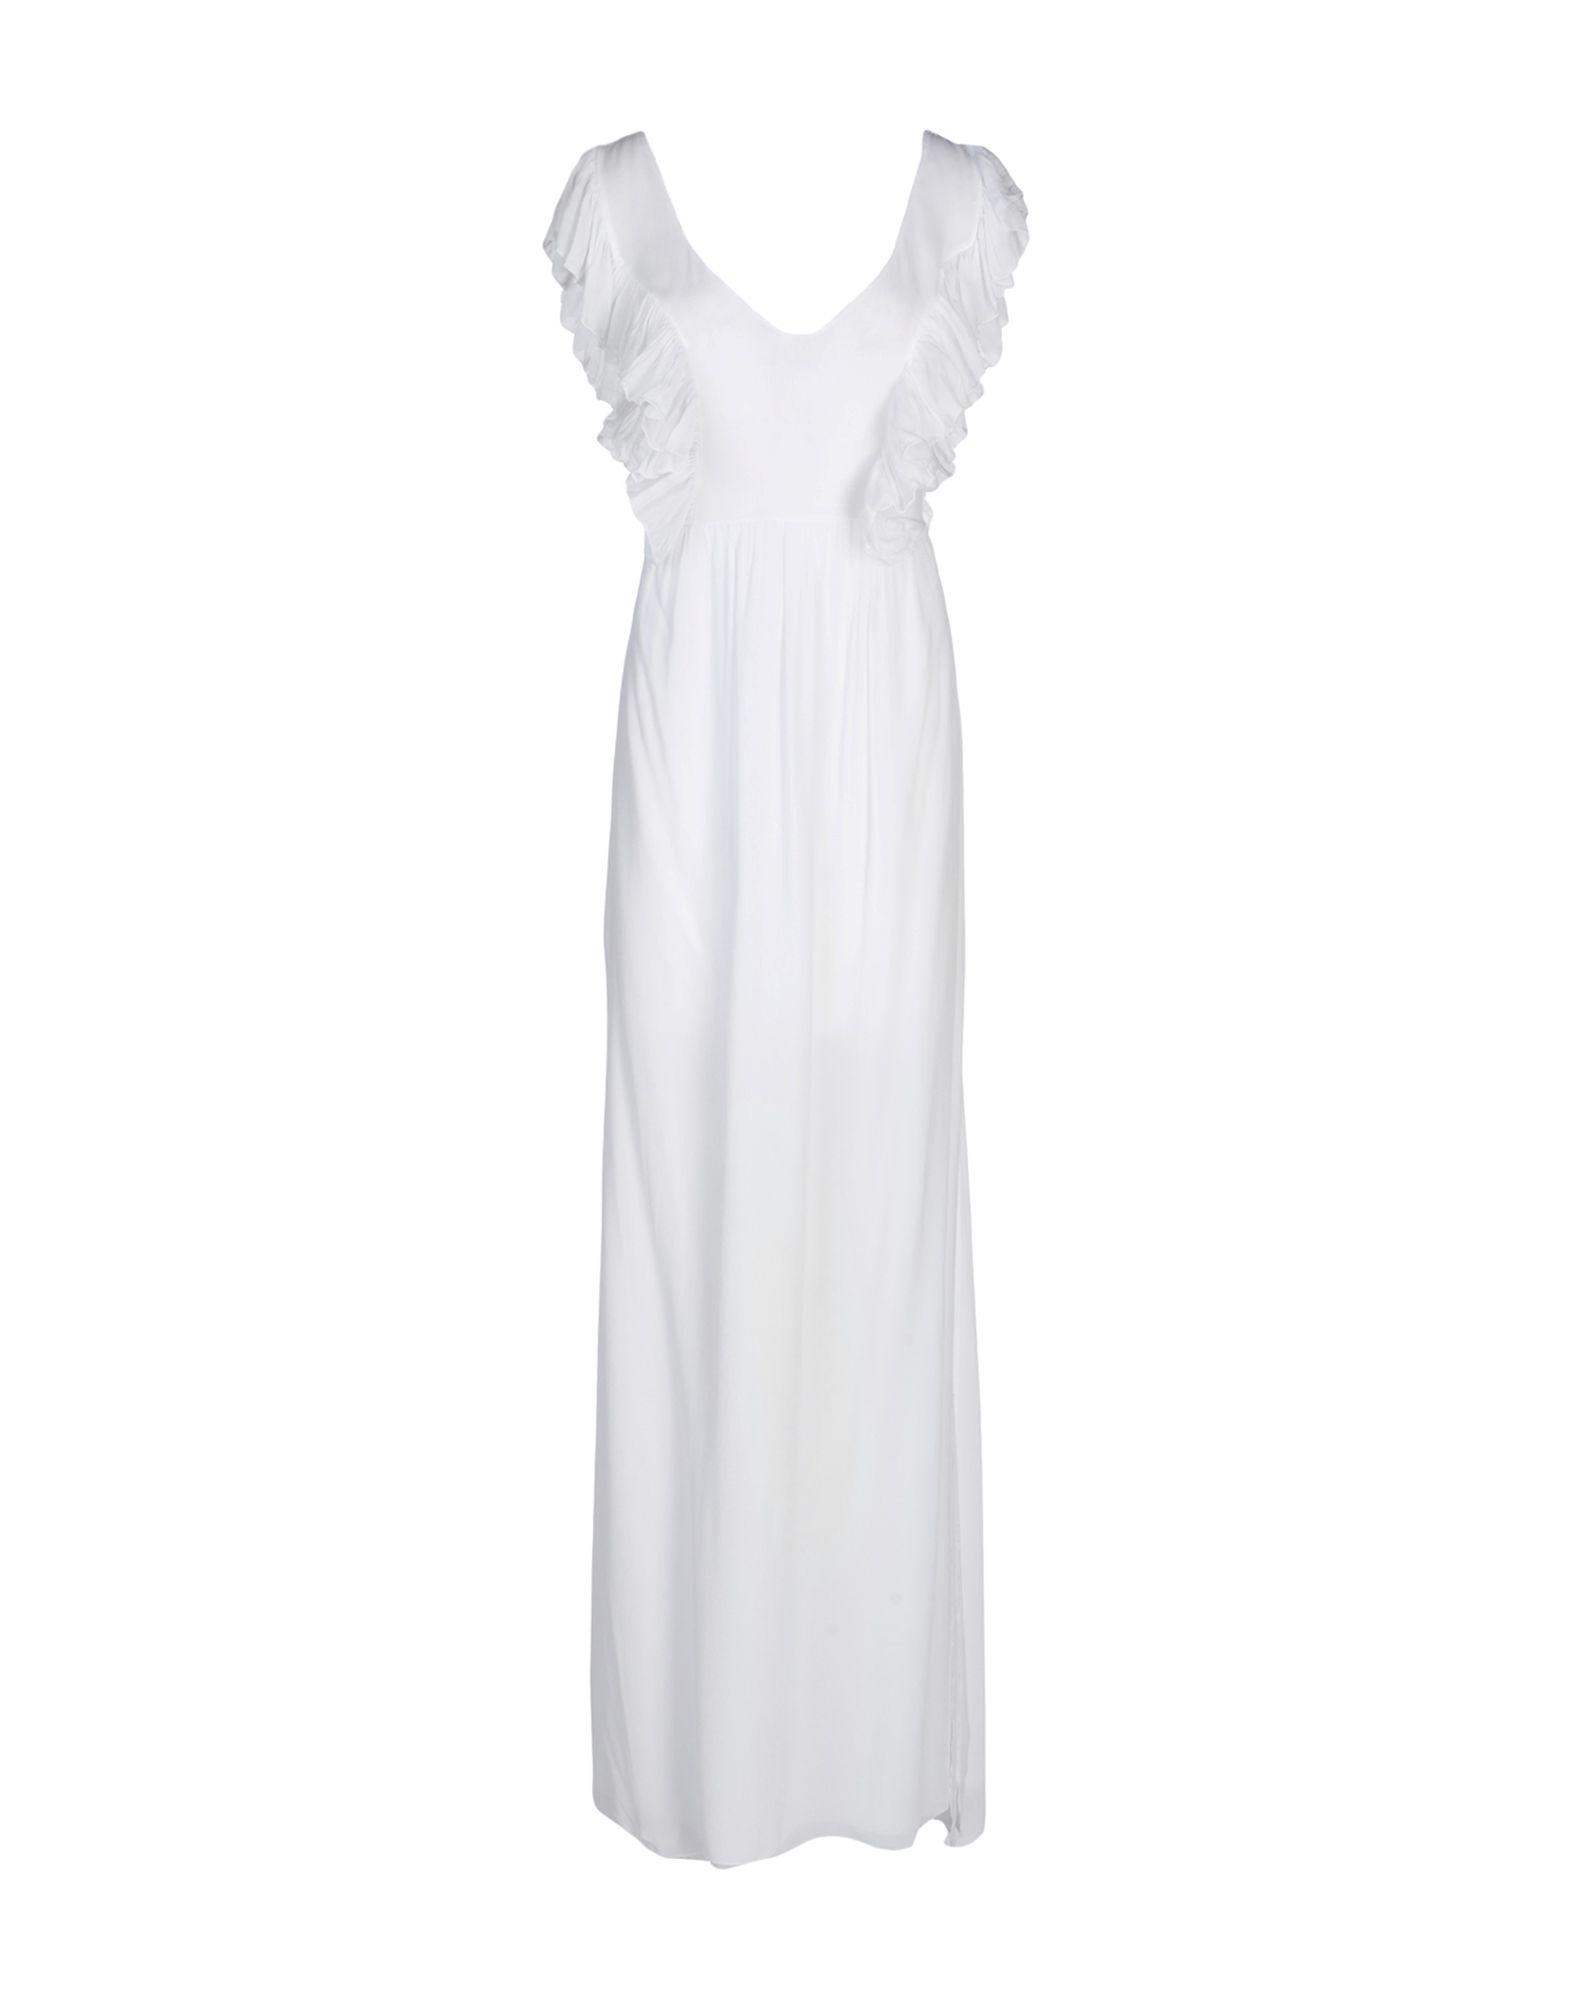 PINK MEMORIES Damen Langes Kleid Farbe Weiß Größe 5